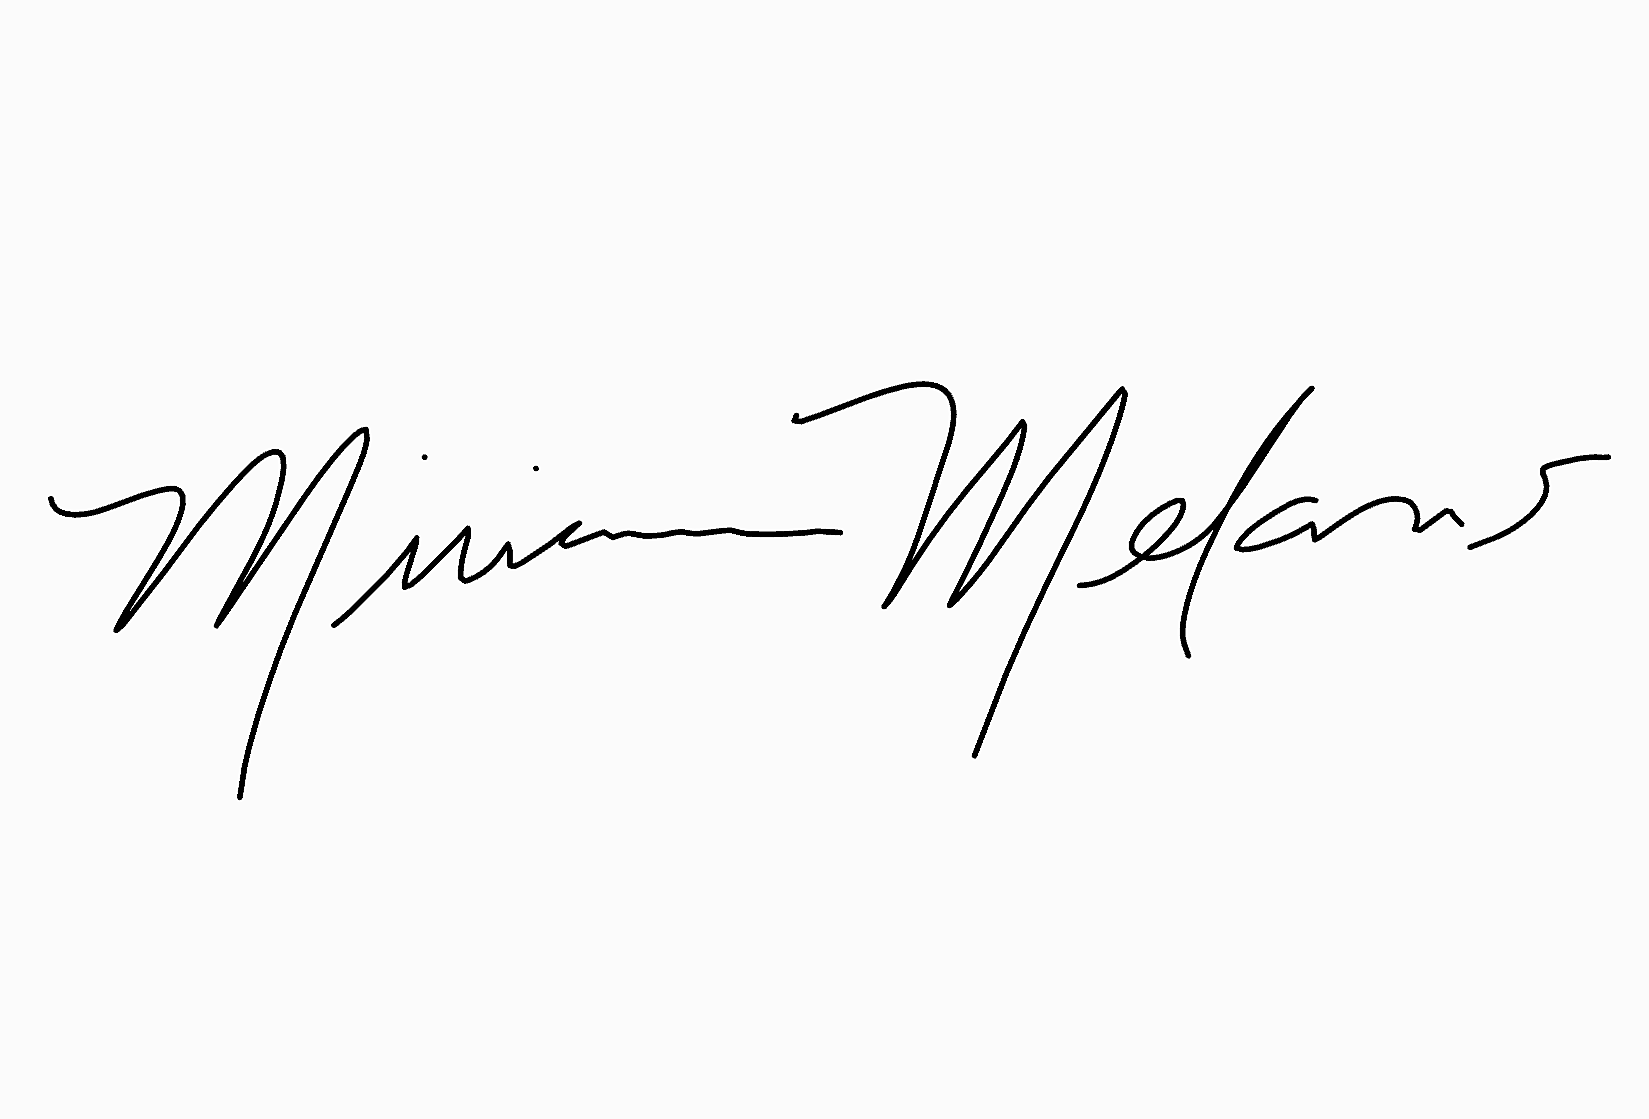 Miriam Melans's Signature